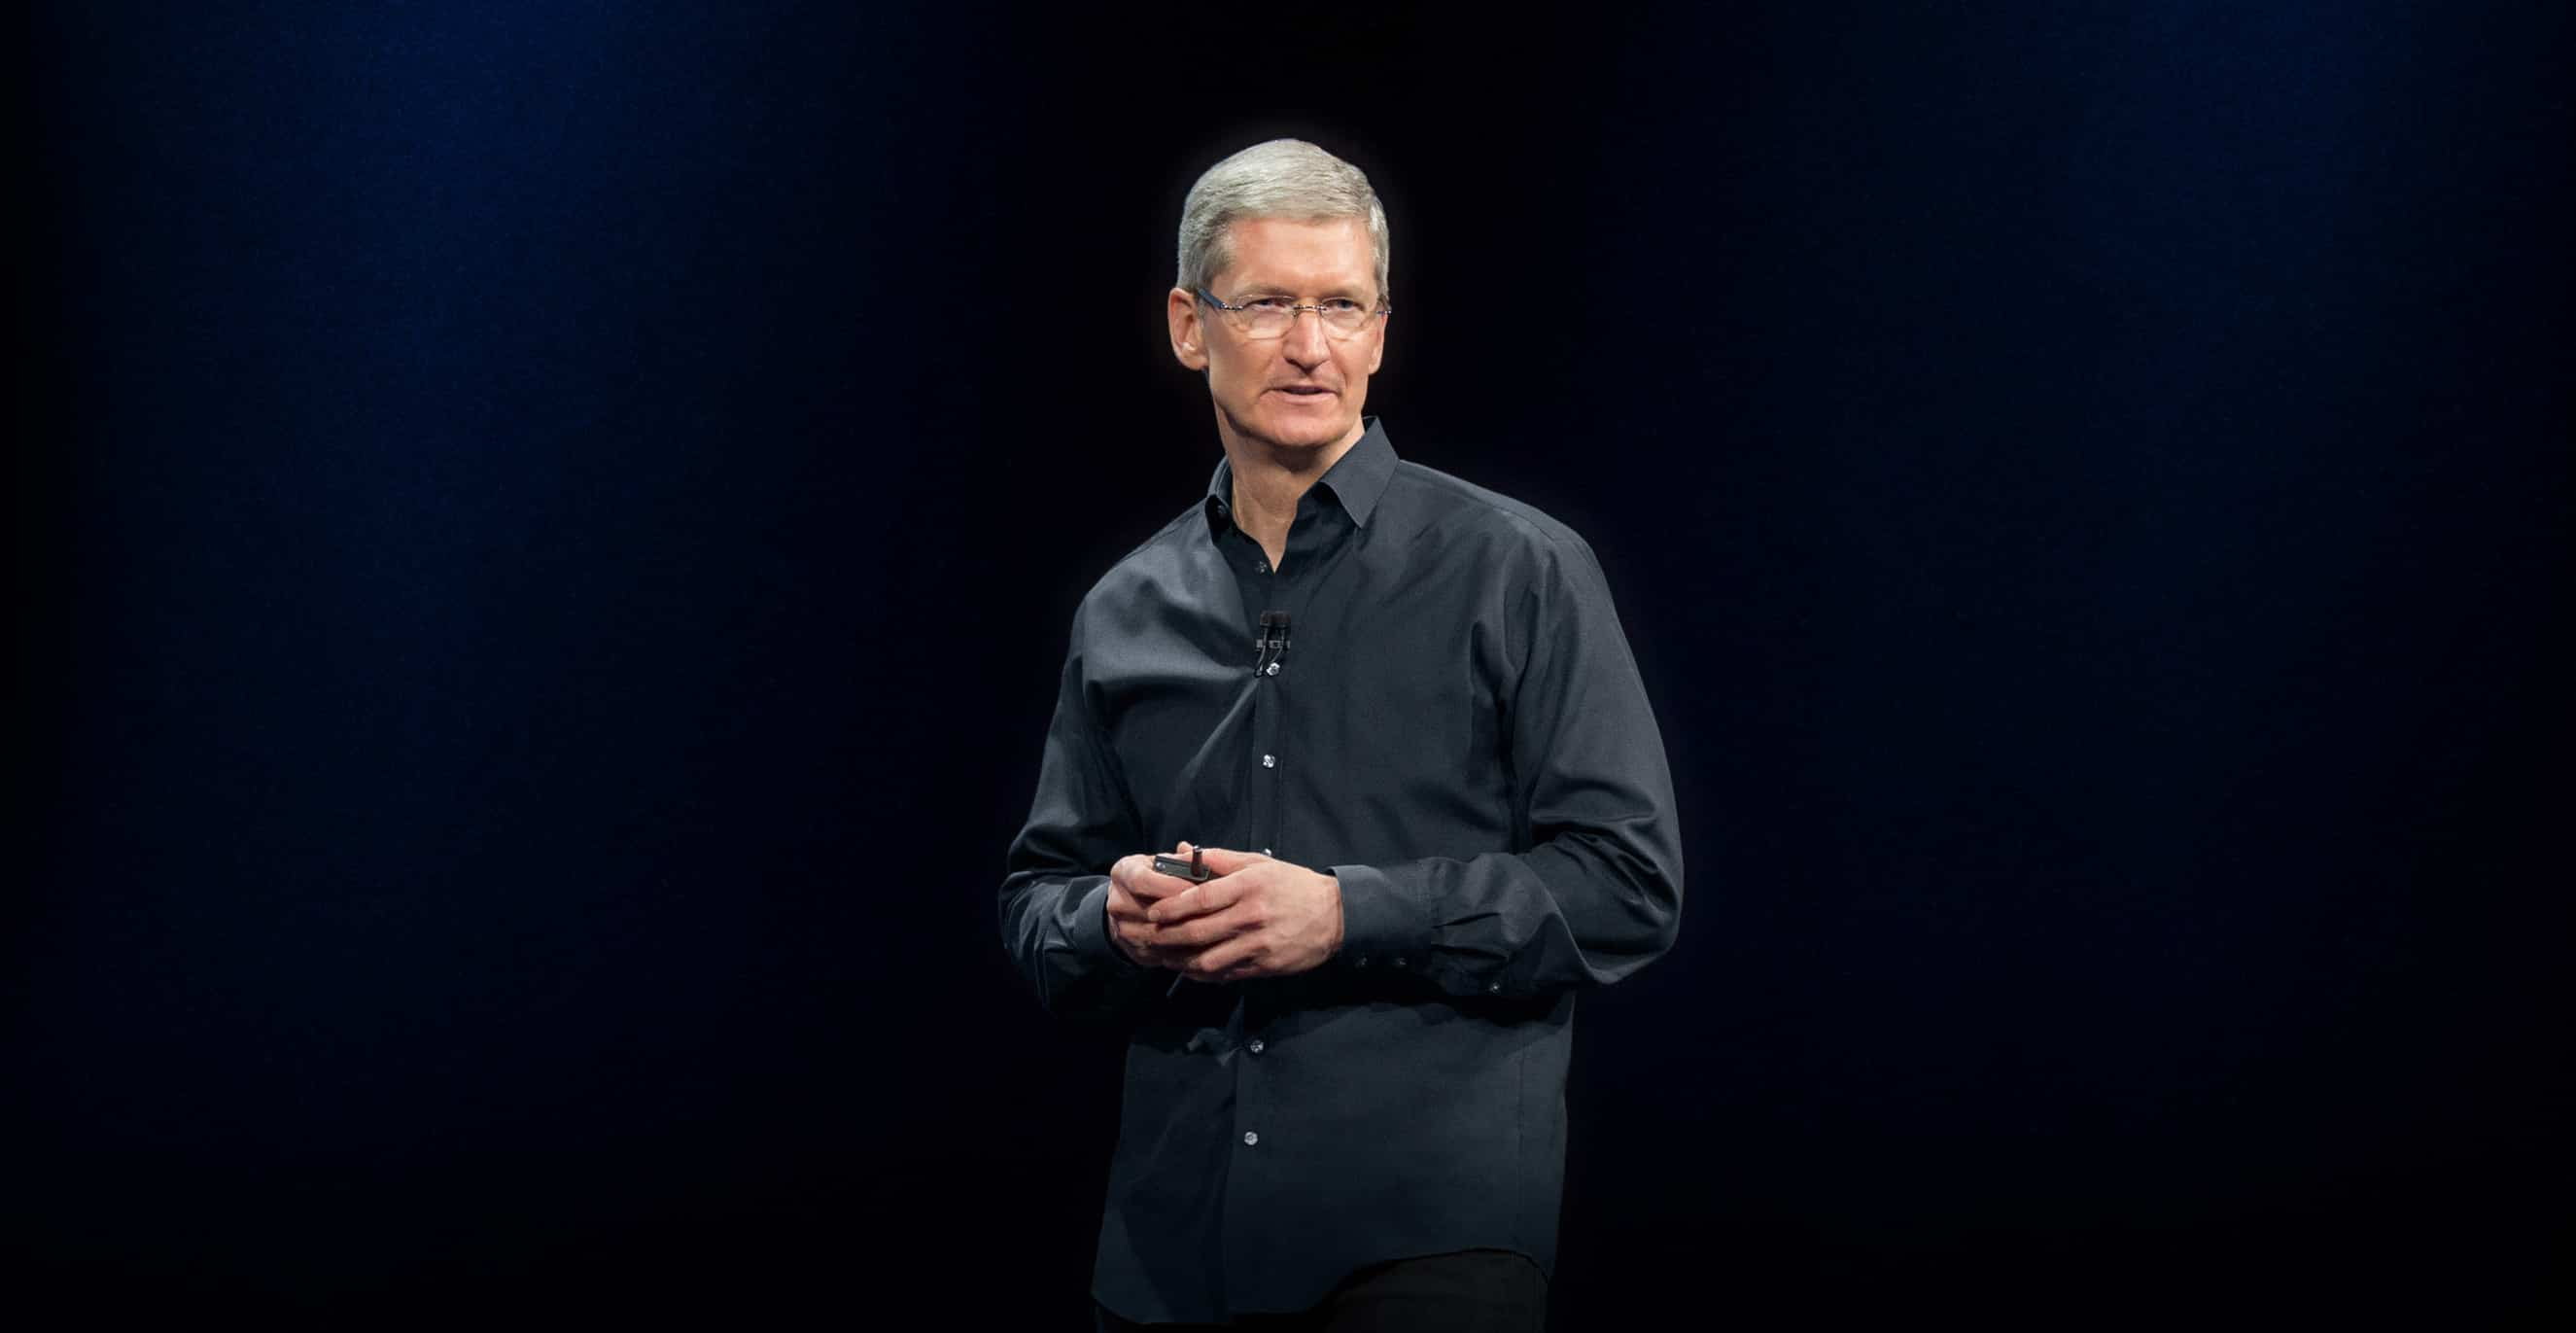 evento de apple en marzo